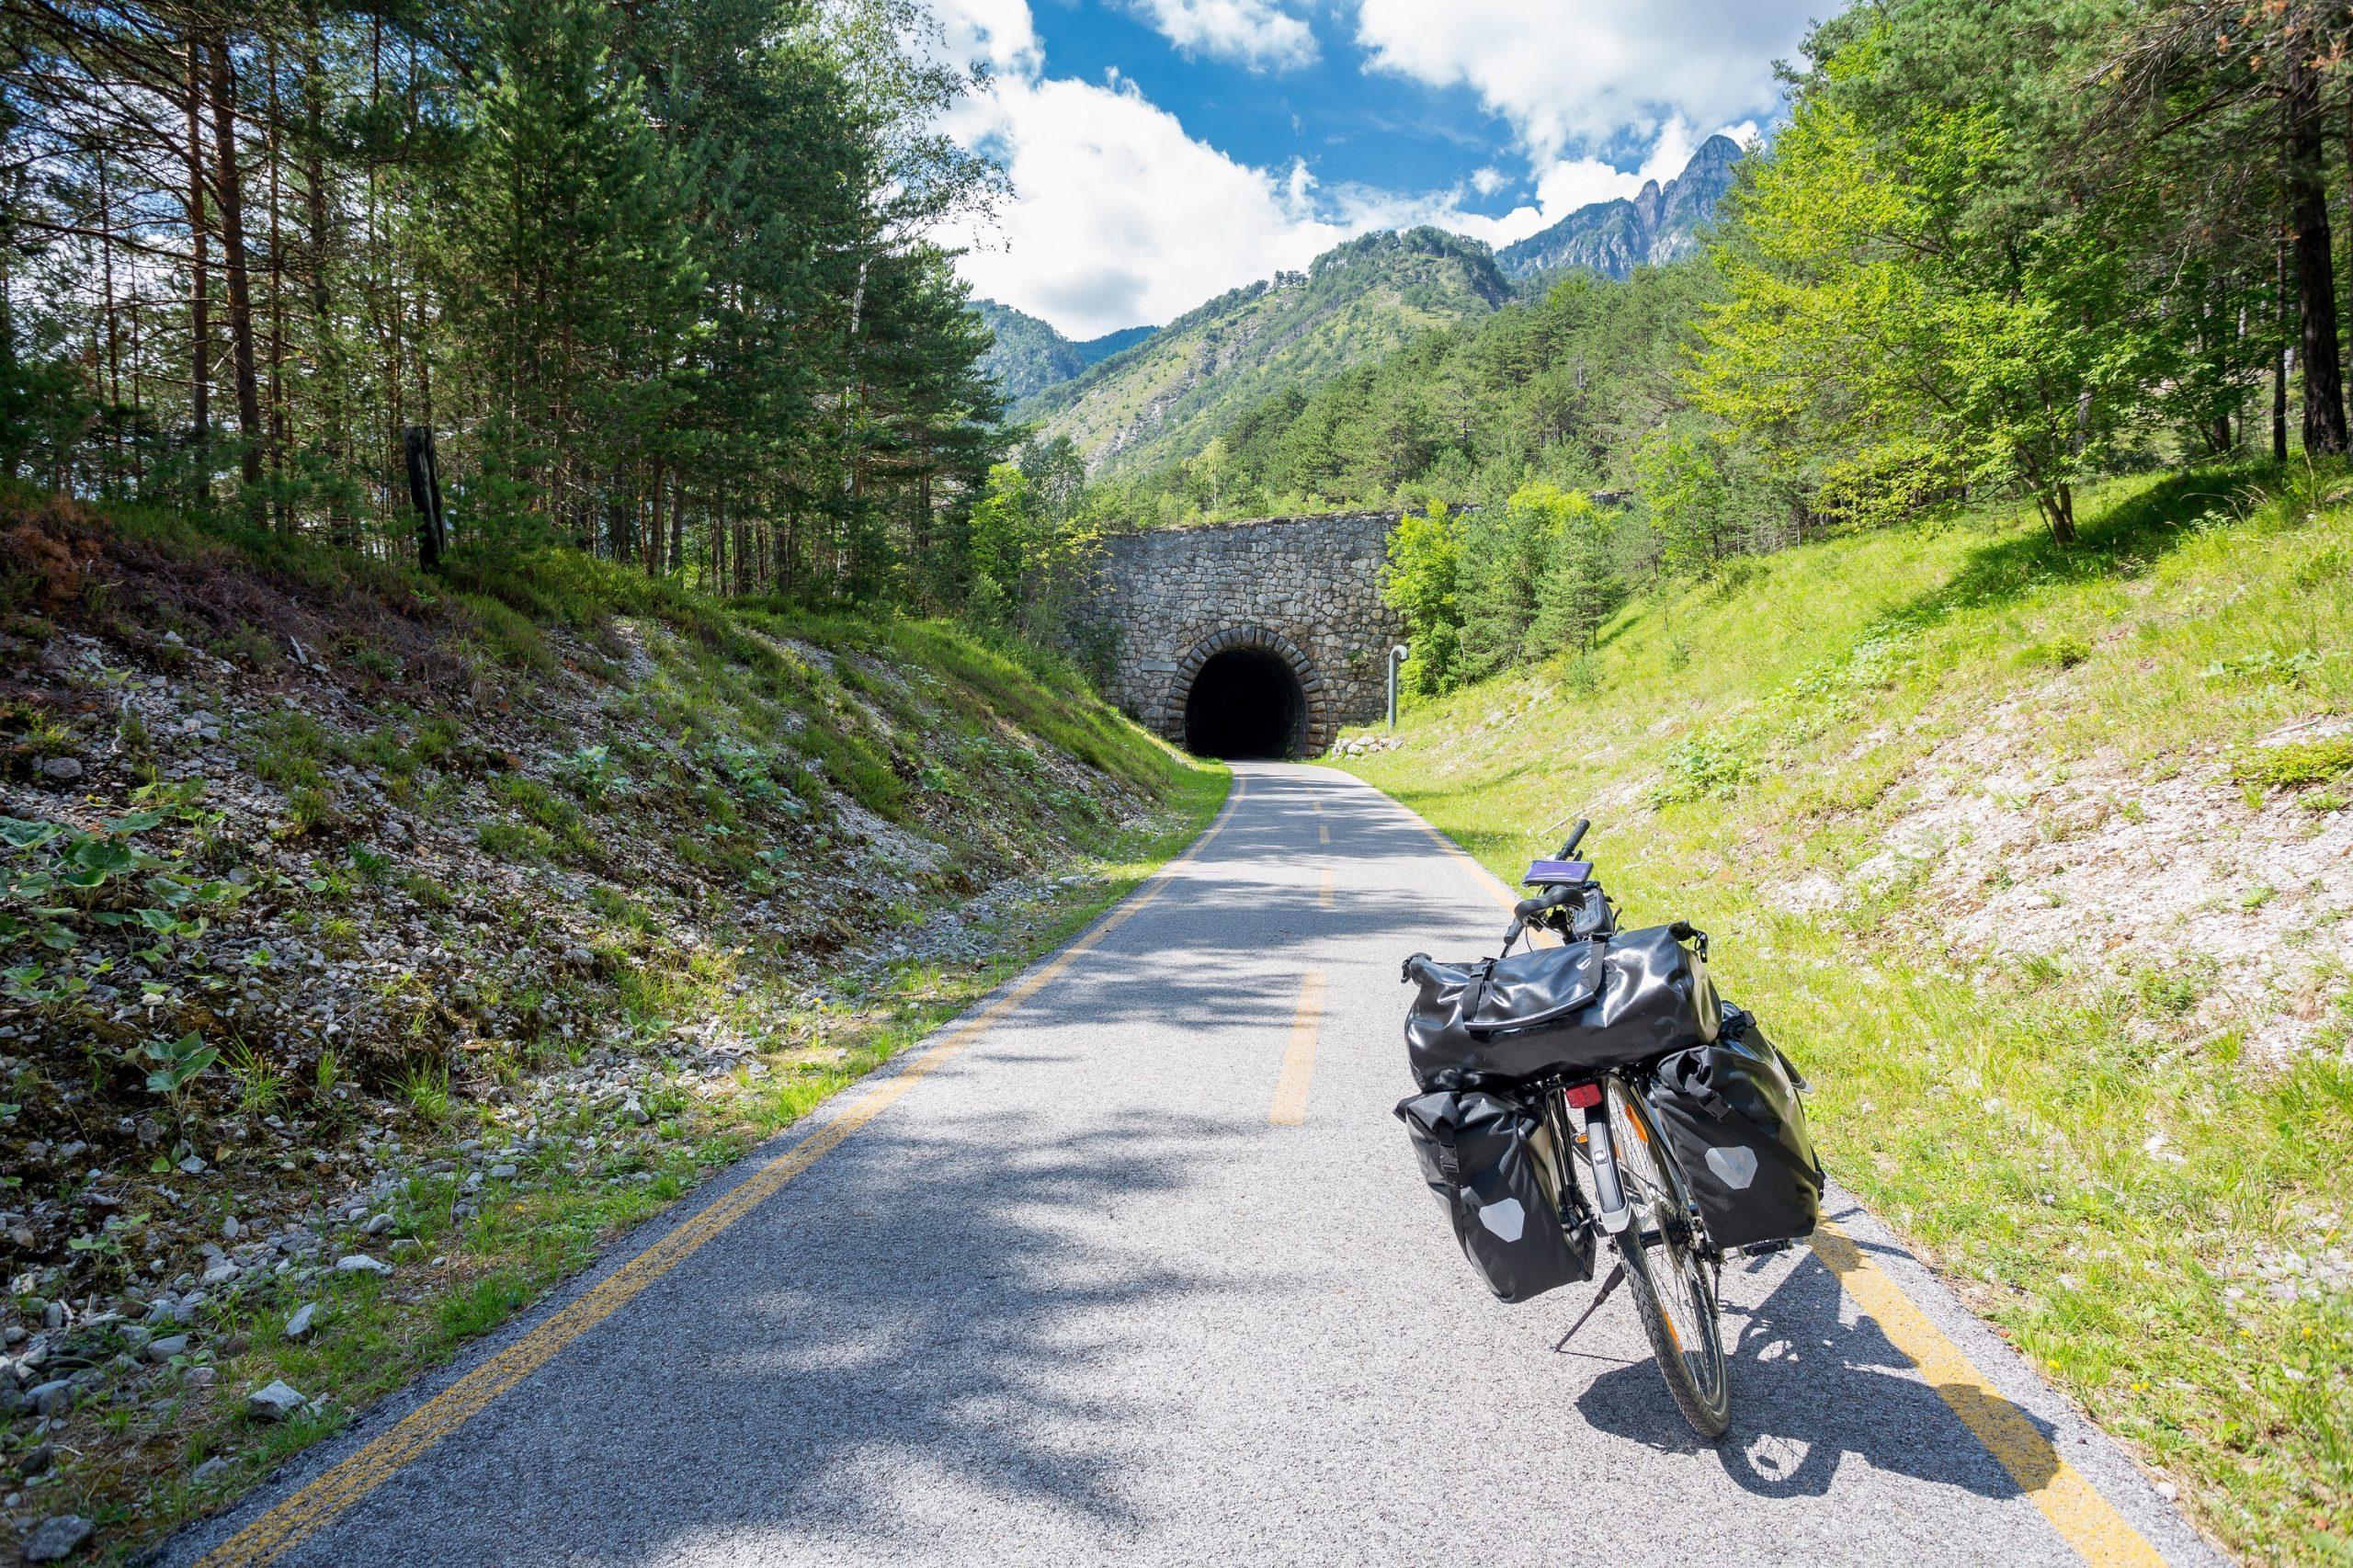 am Alpe Adria Radweg radeln Sie in zwei vielfältigen Ländern und genießen eine abwechslungsreiche Landschaft voller Gegensätze